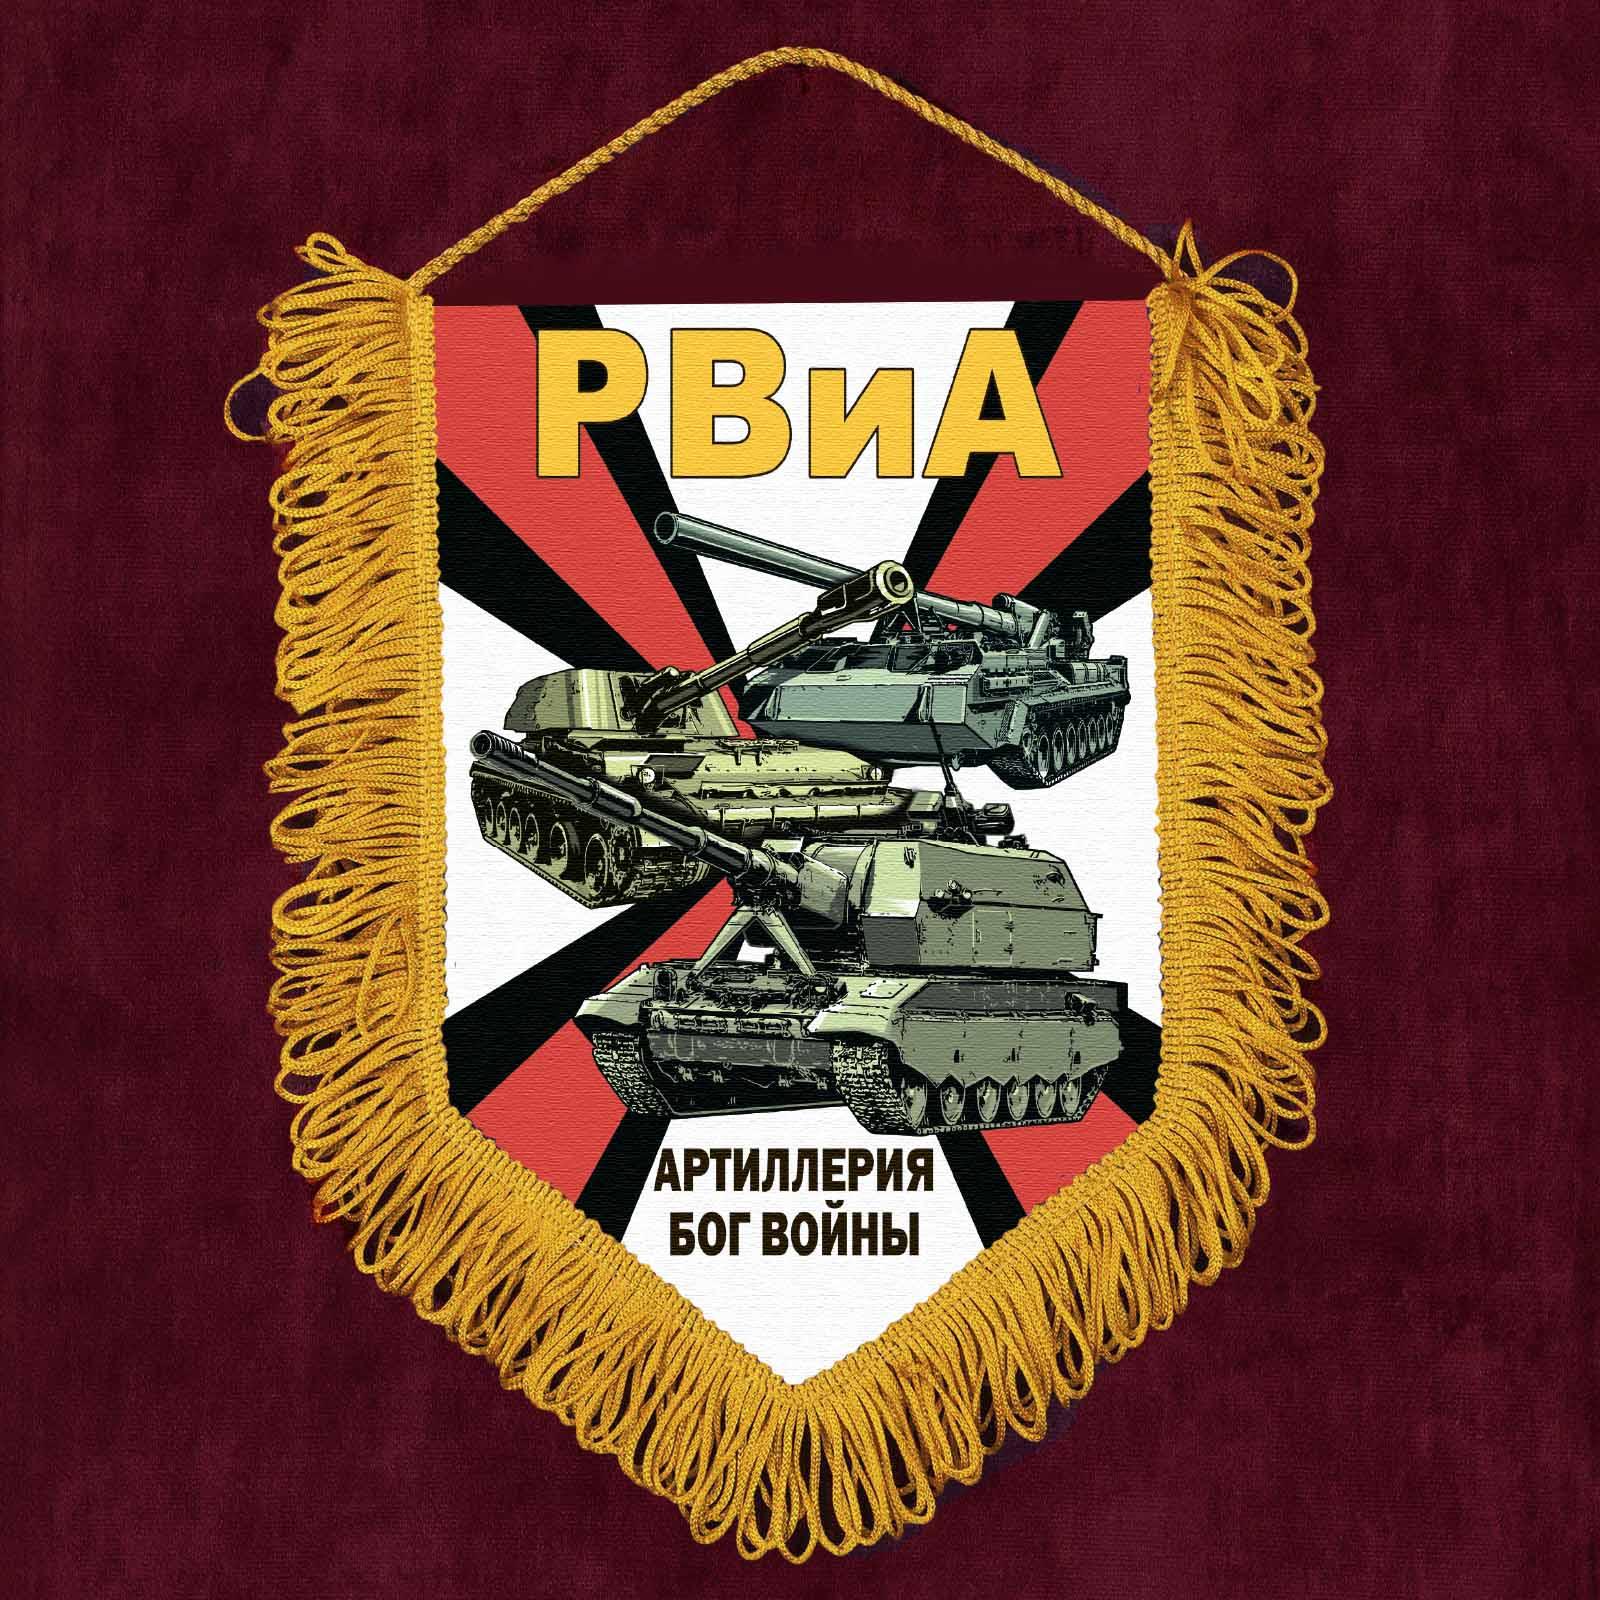 Наградной вымпел РВиА Артиллерия Бог войны